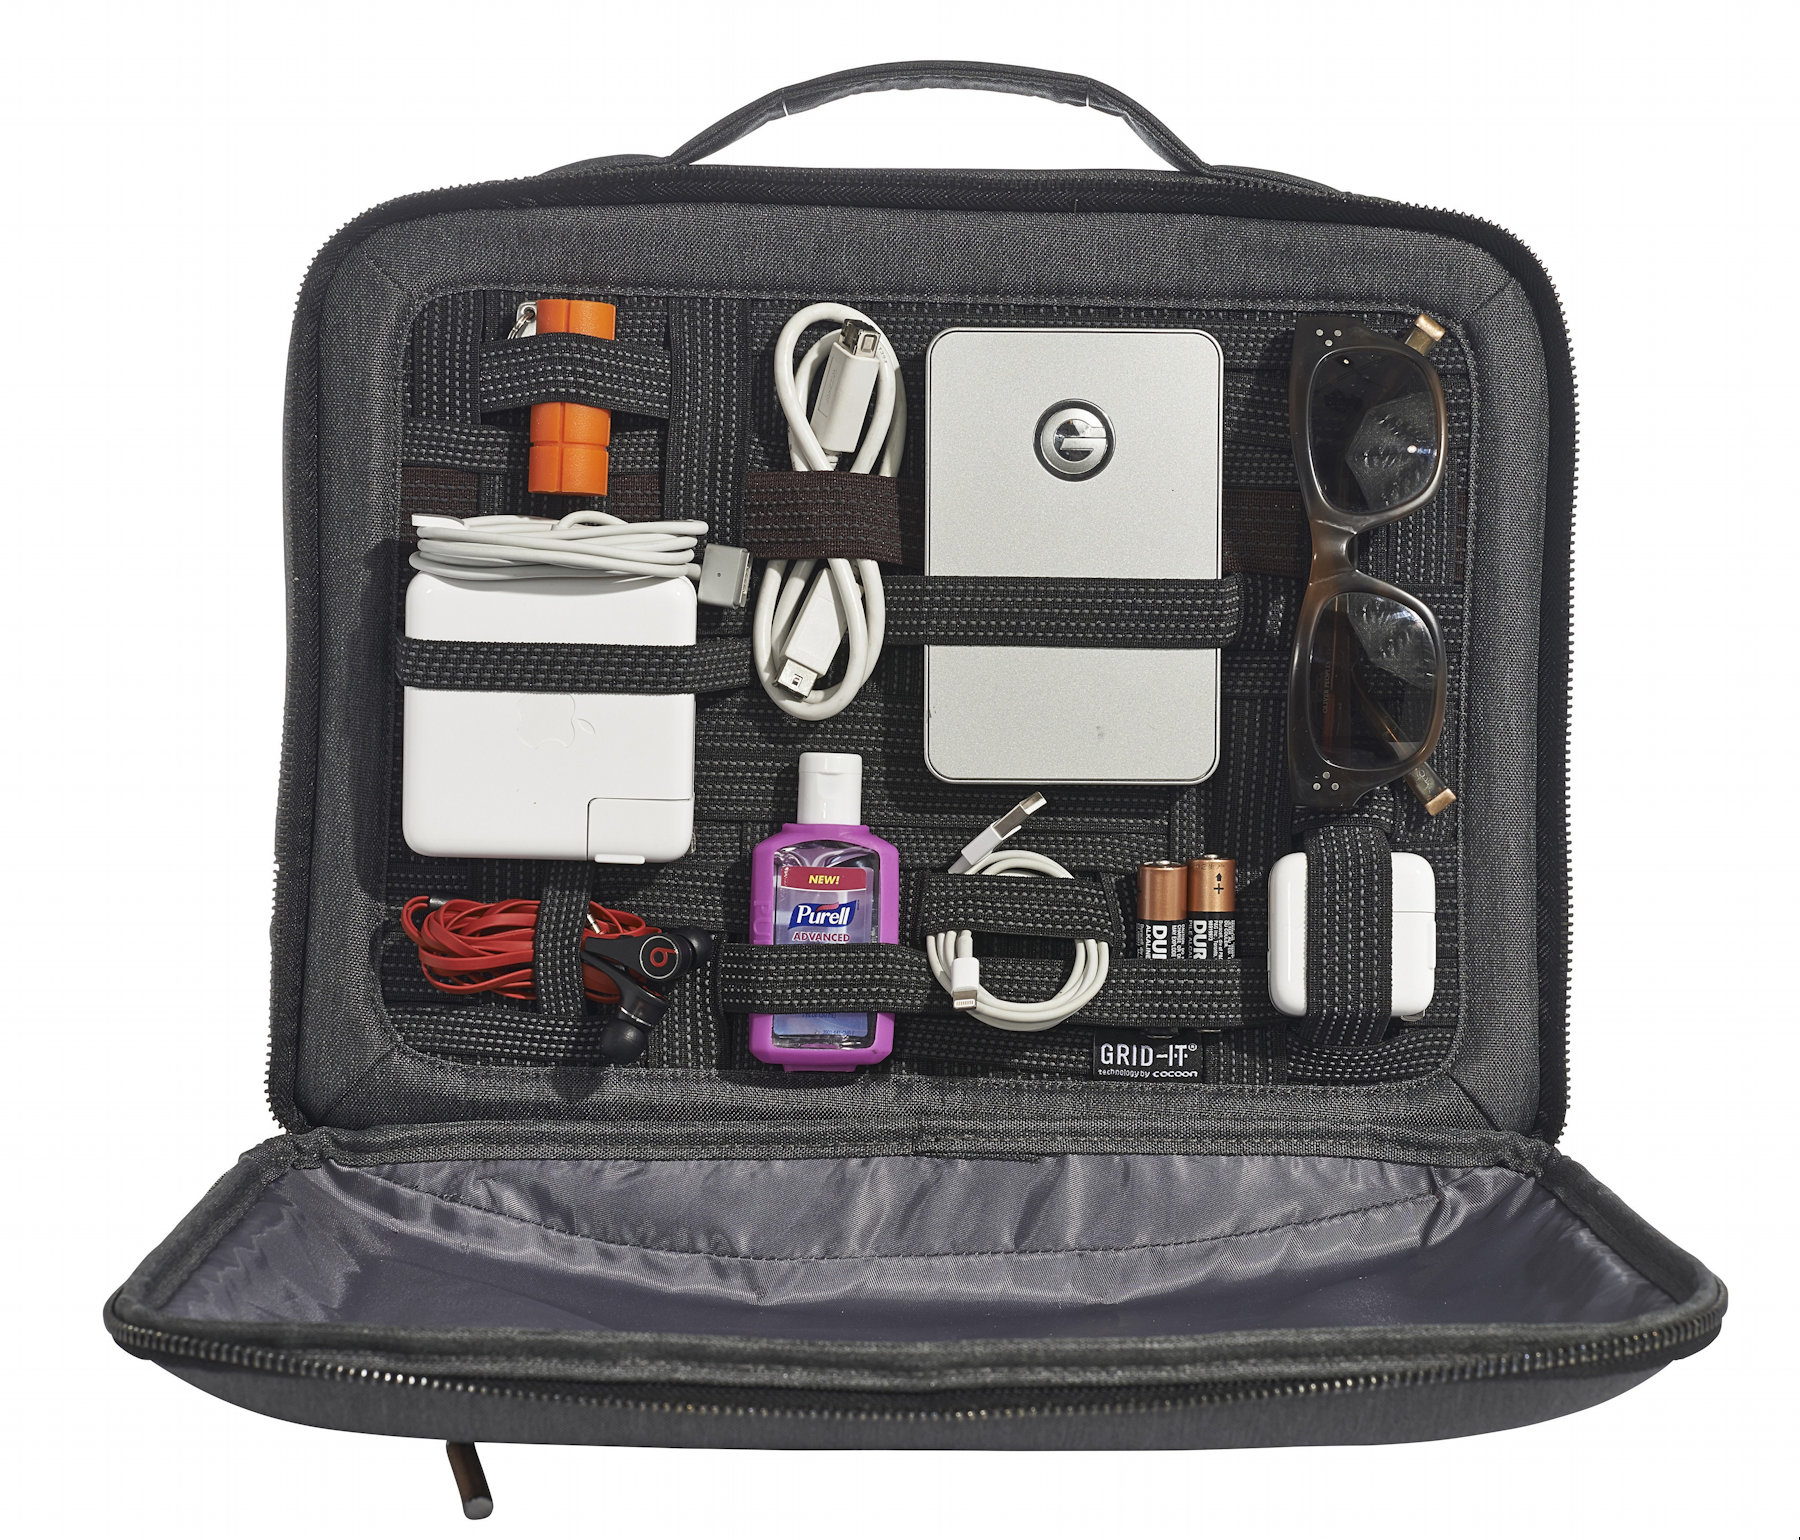 tas voor macbook pro 13 inch